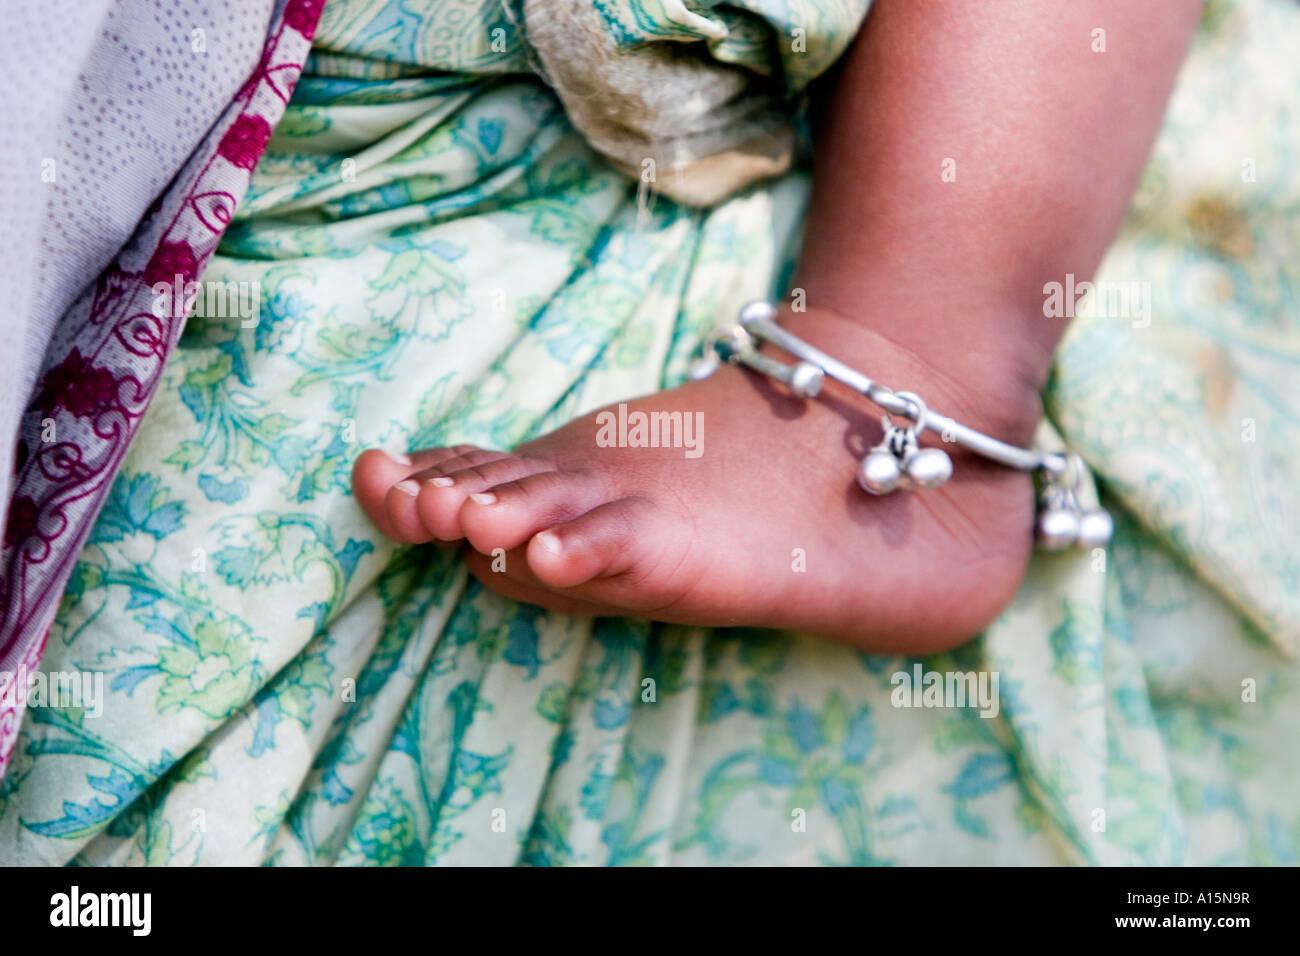 Bambini indiani piedi nudi contro le madri sari verde Immagini Stock